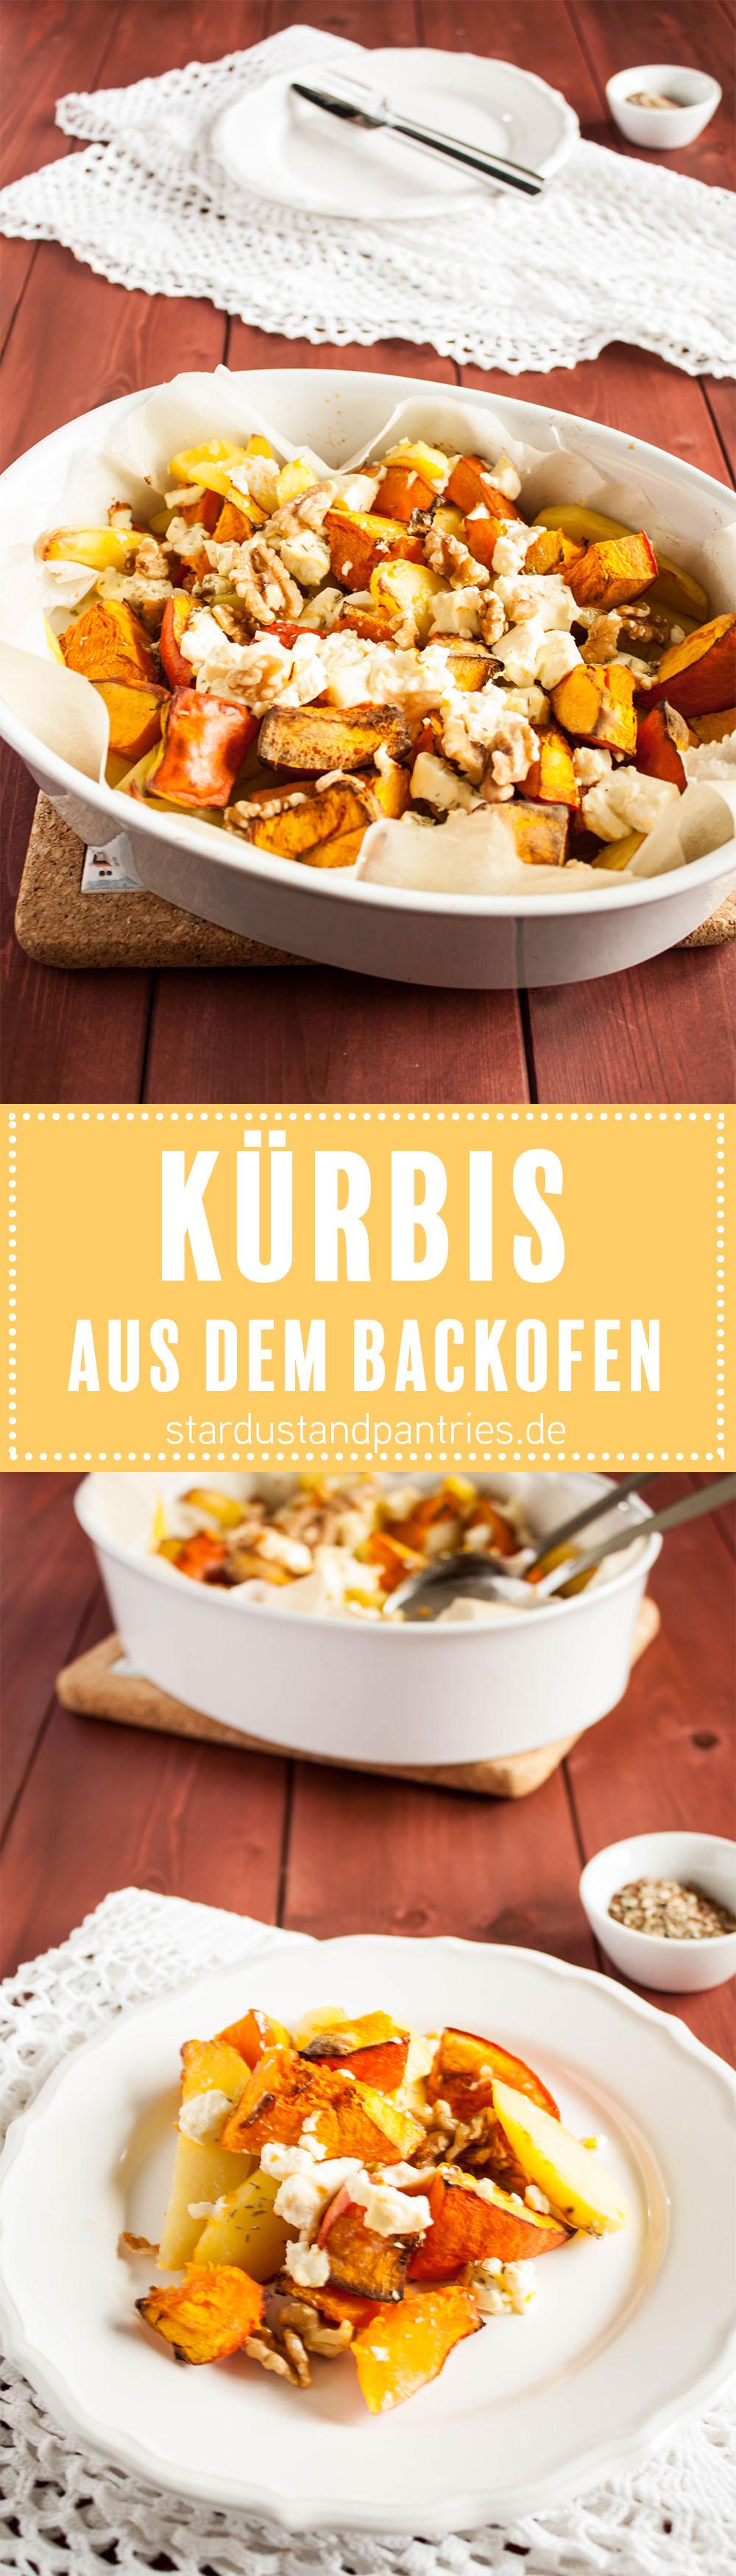 Leckerer Ofenkürbis mit Kartoffeln, Rosmarin und Feta. Ein einfaches Gericht für kühle Herbsttage! Gratis Rezeptkarte zum Runterladen auf dem Blog!